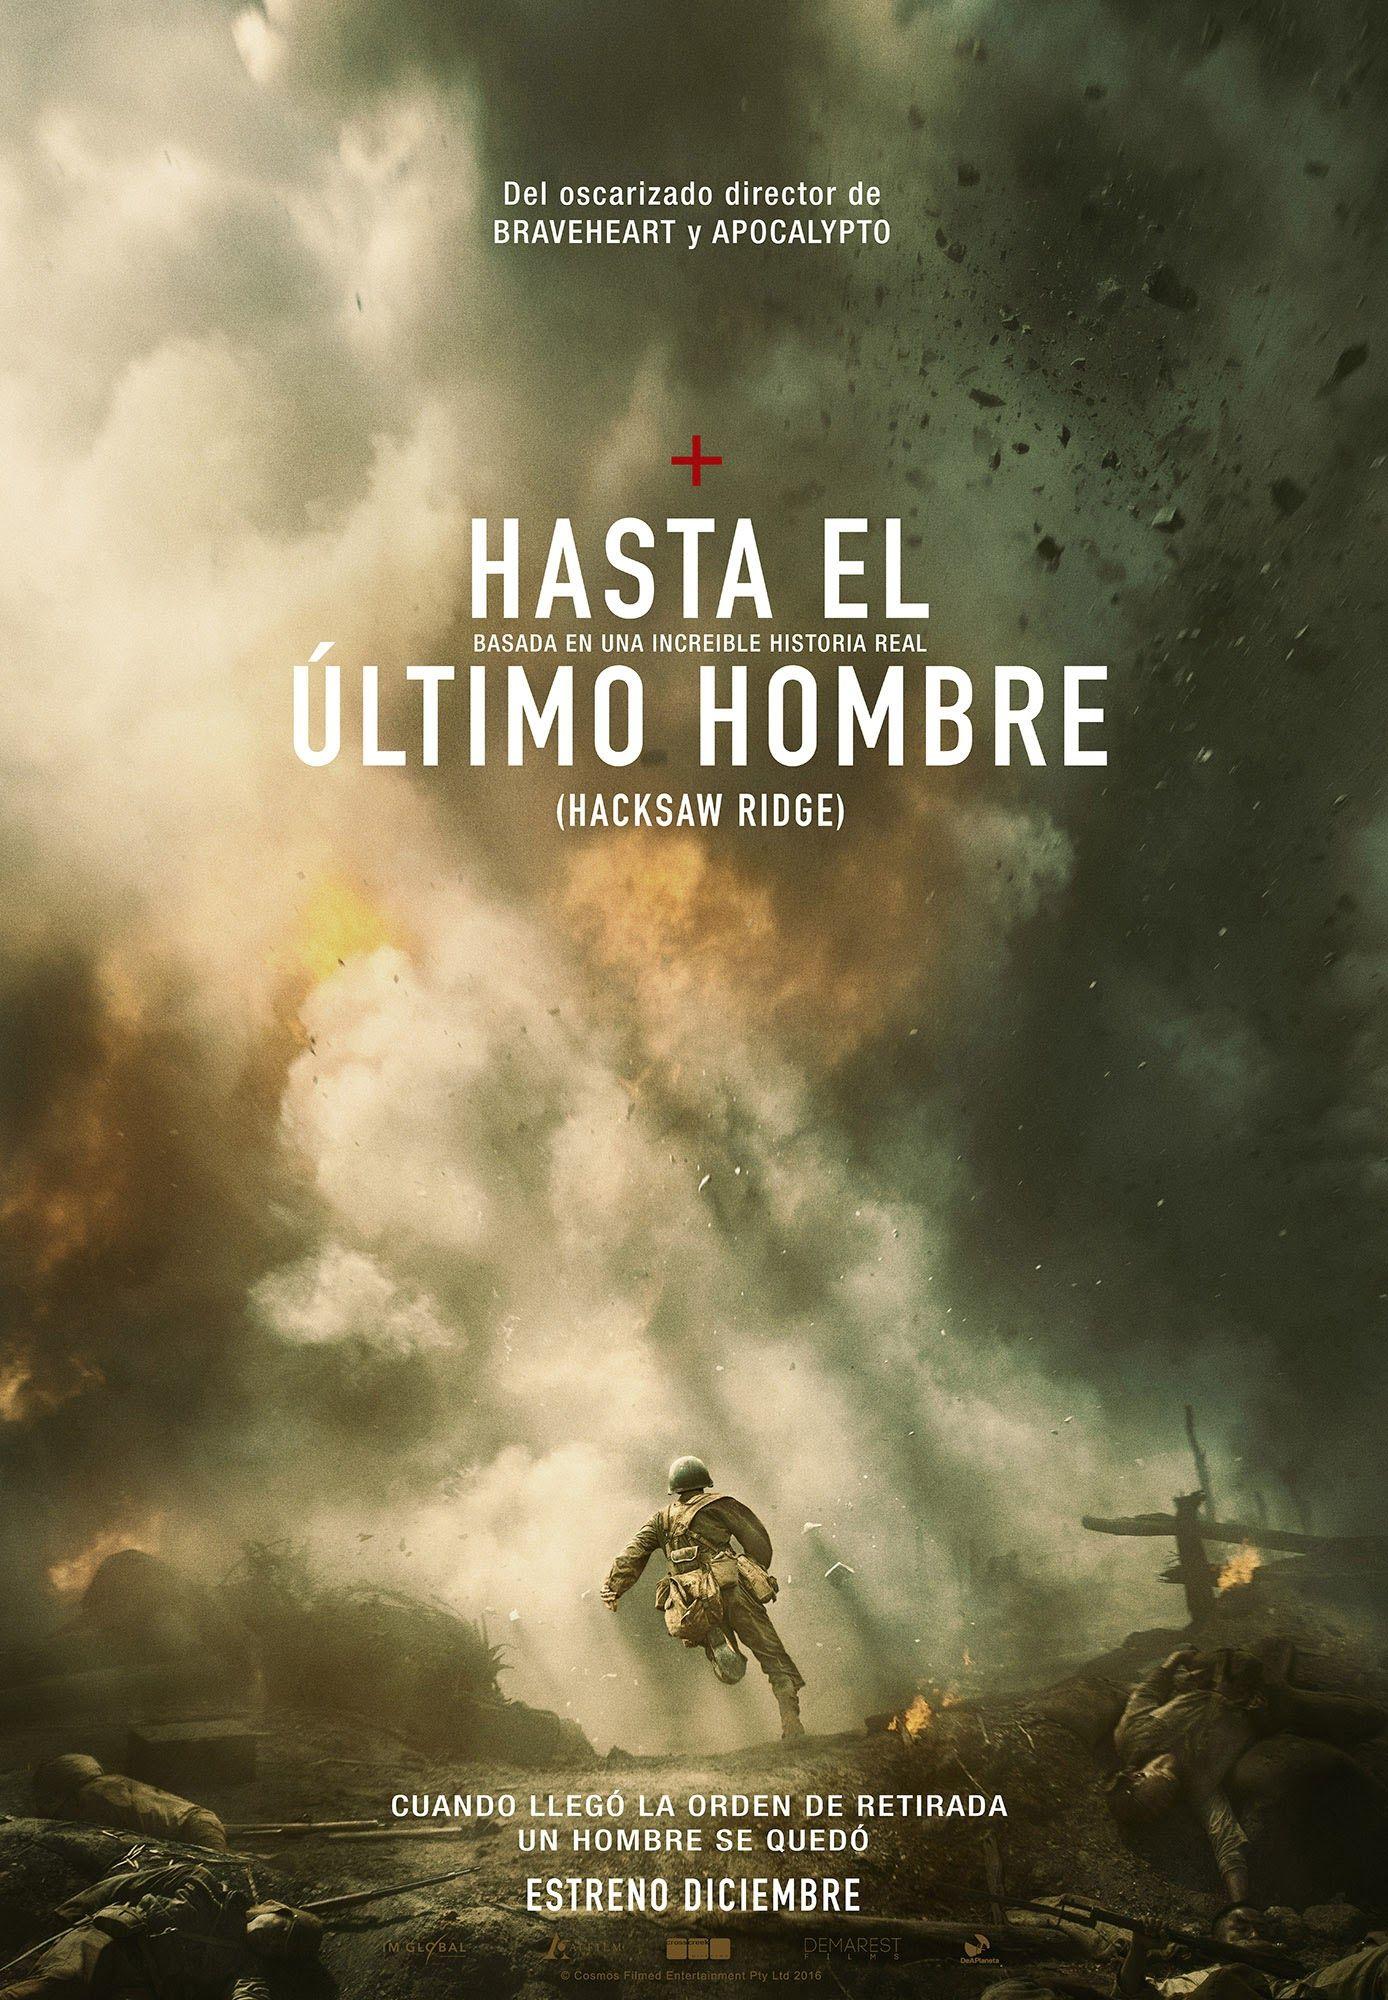 Hasta El Ultimo Hombre Peliculas Nominadas Al Oscar Hasta El Ultimo Hombre Afiche De Pelicula